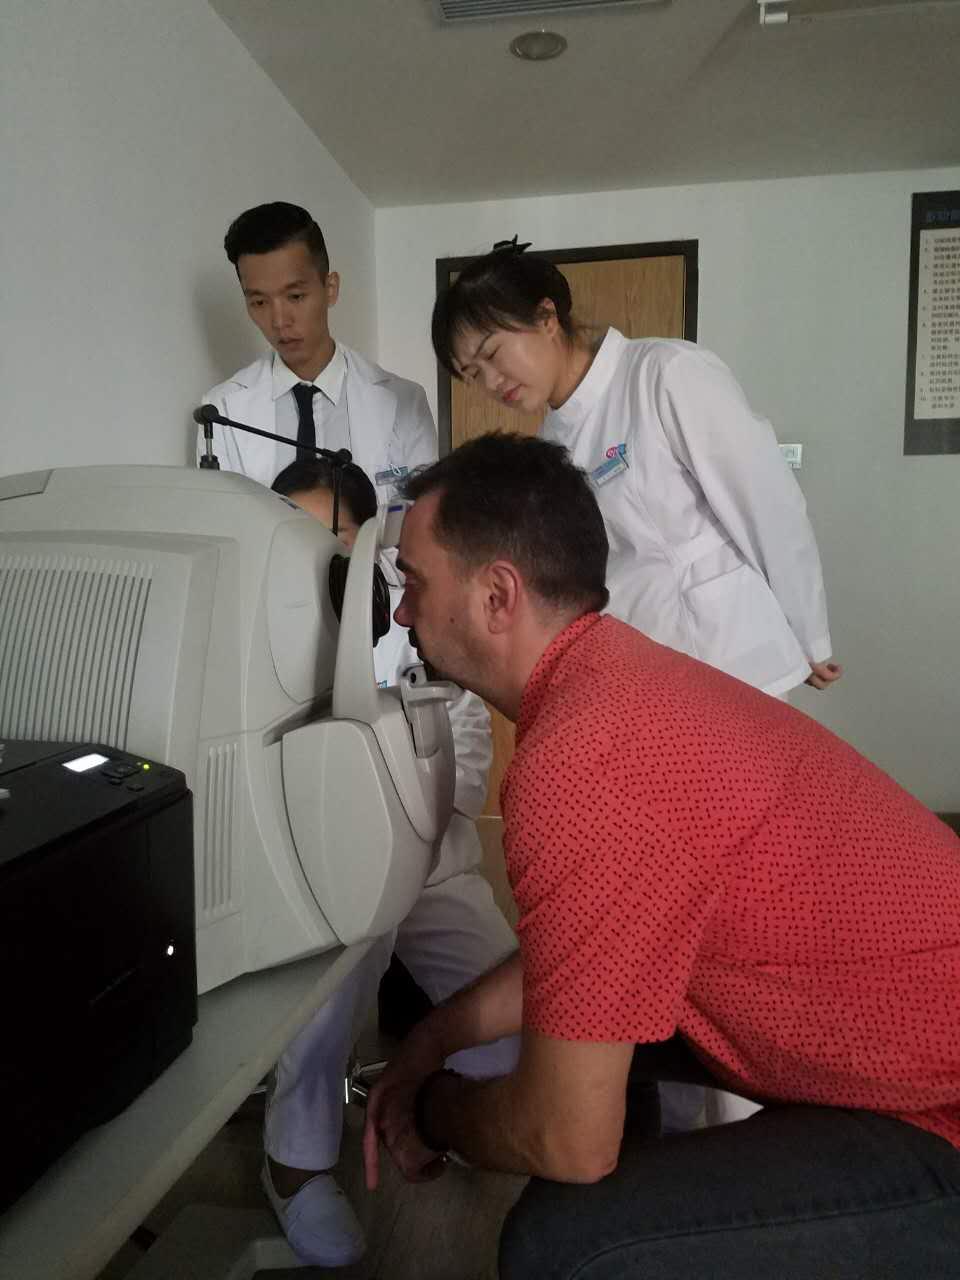 Ovidiu Simion fez um exame de olhos no hospital.